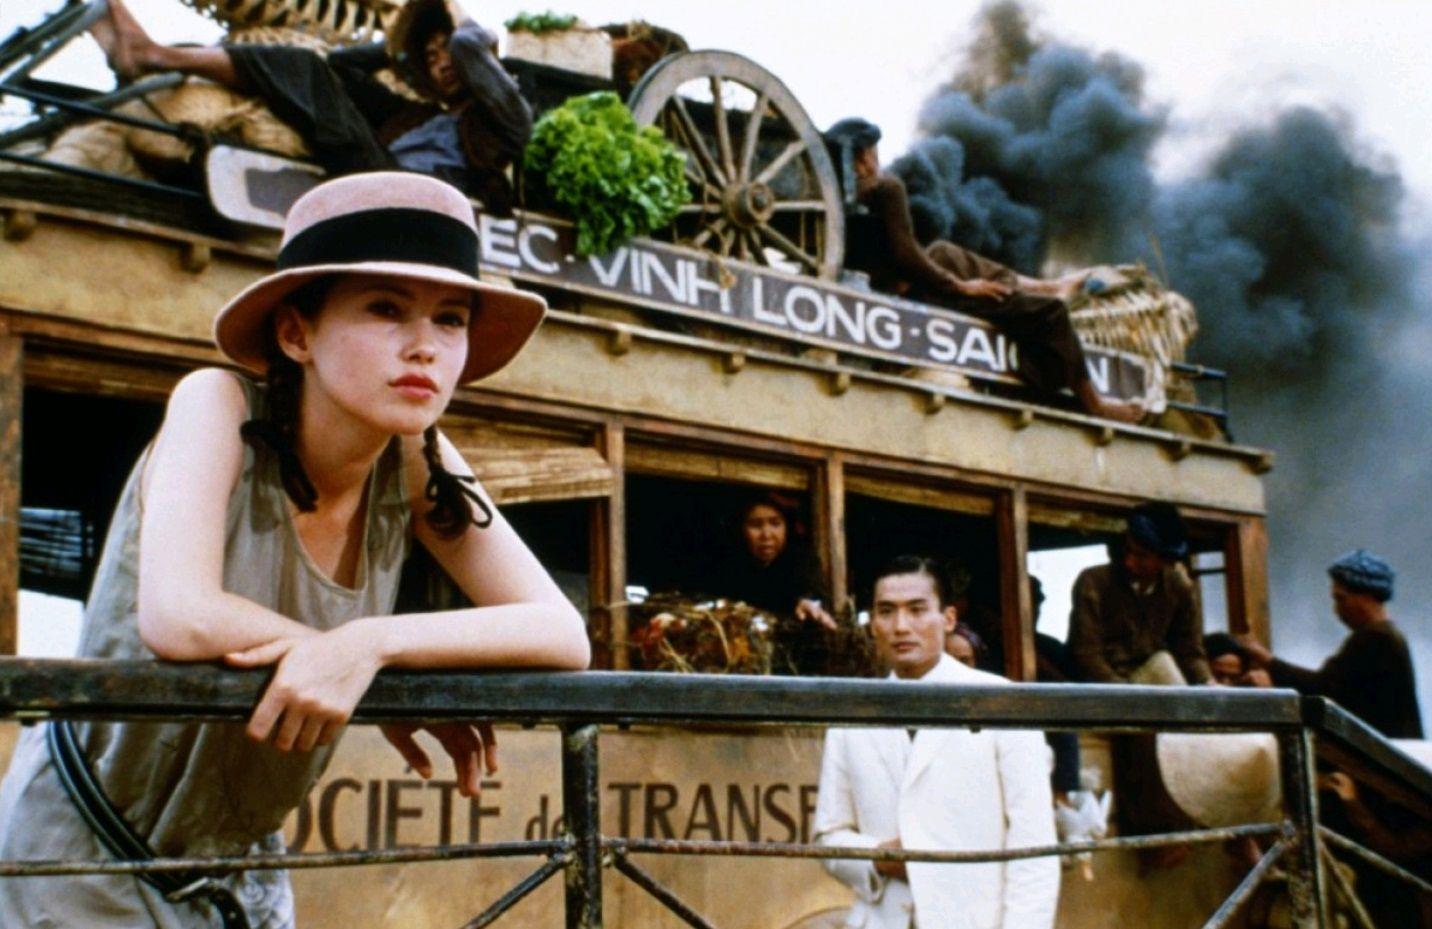 Француженка и любовник 8 фотография